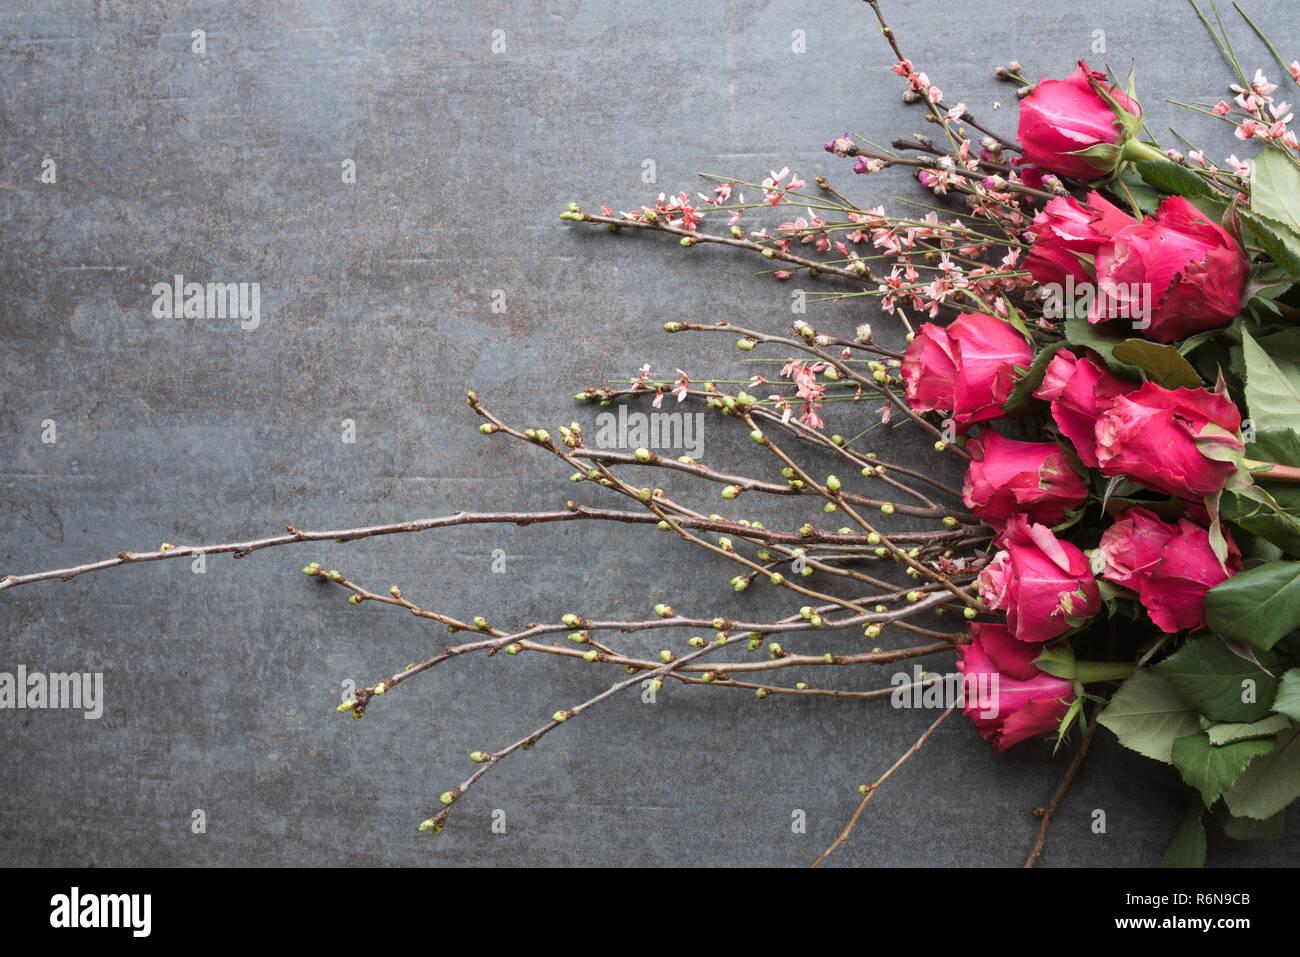 Rote Rosen Auf Eine Moderne Graue Stein Platte